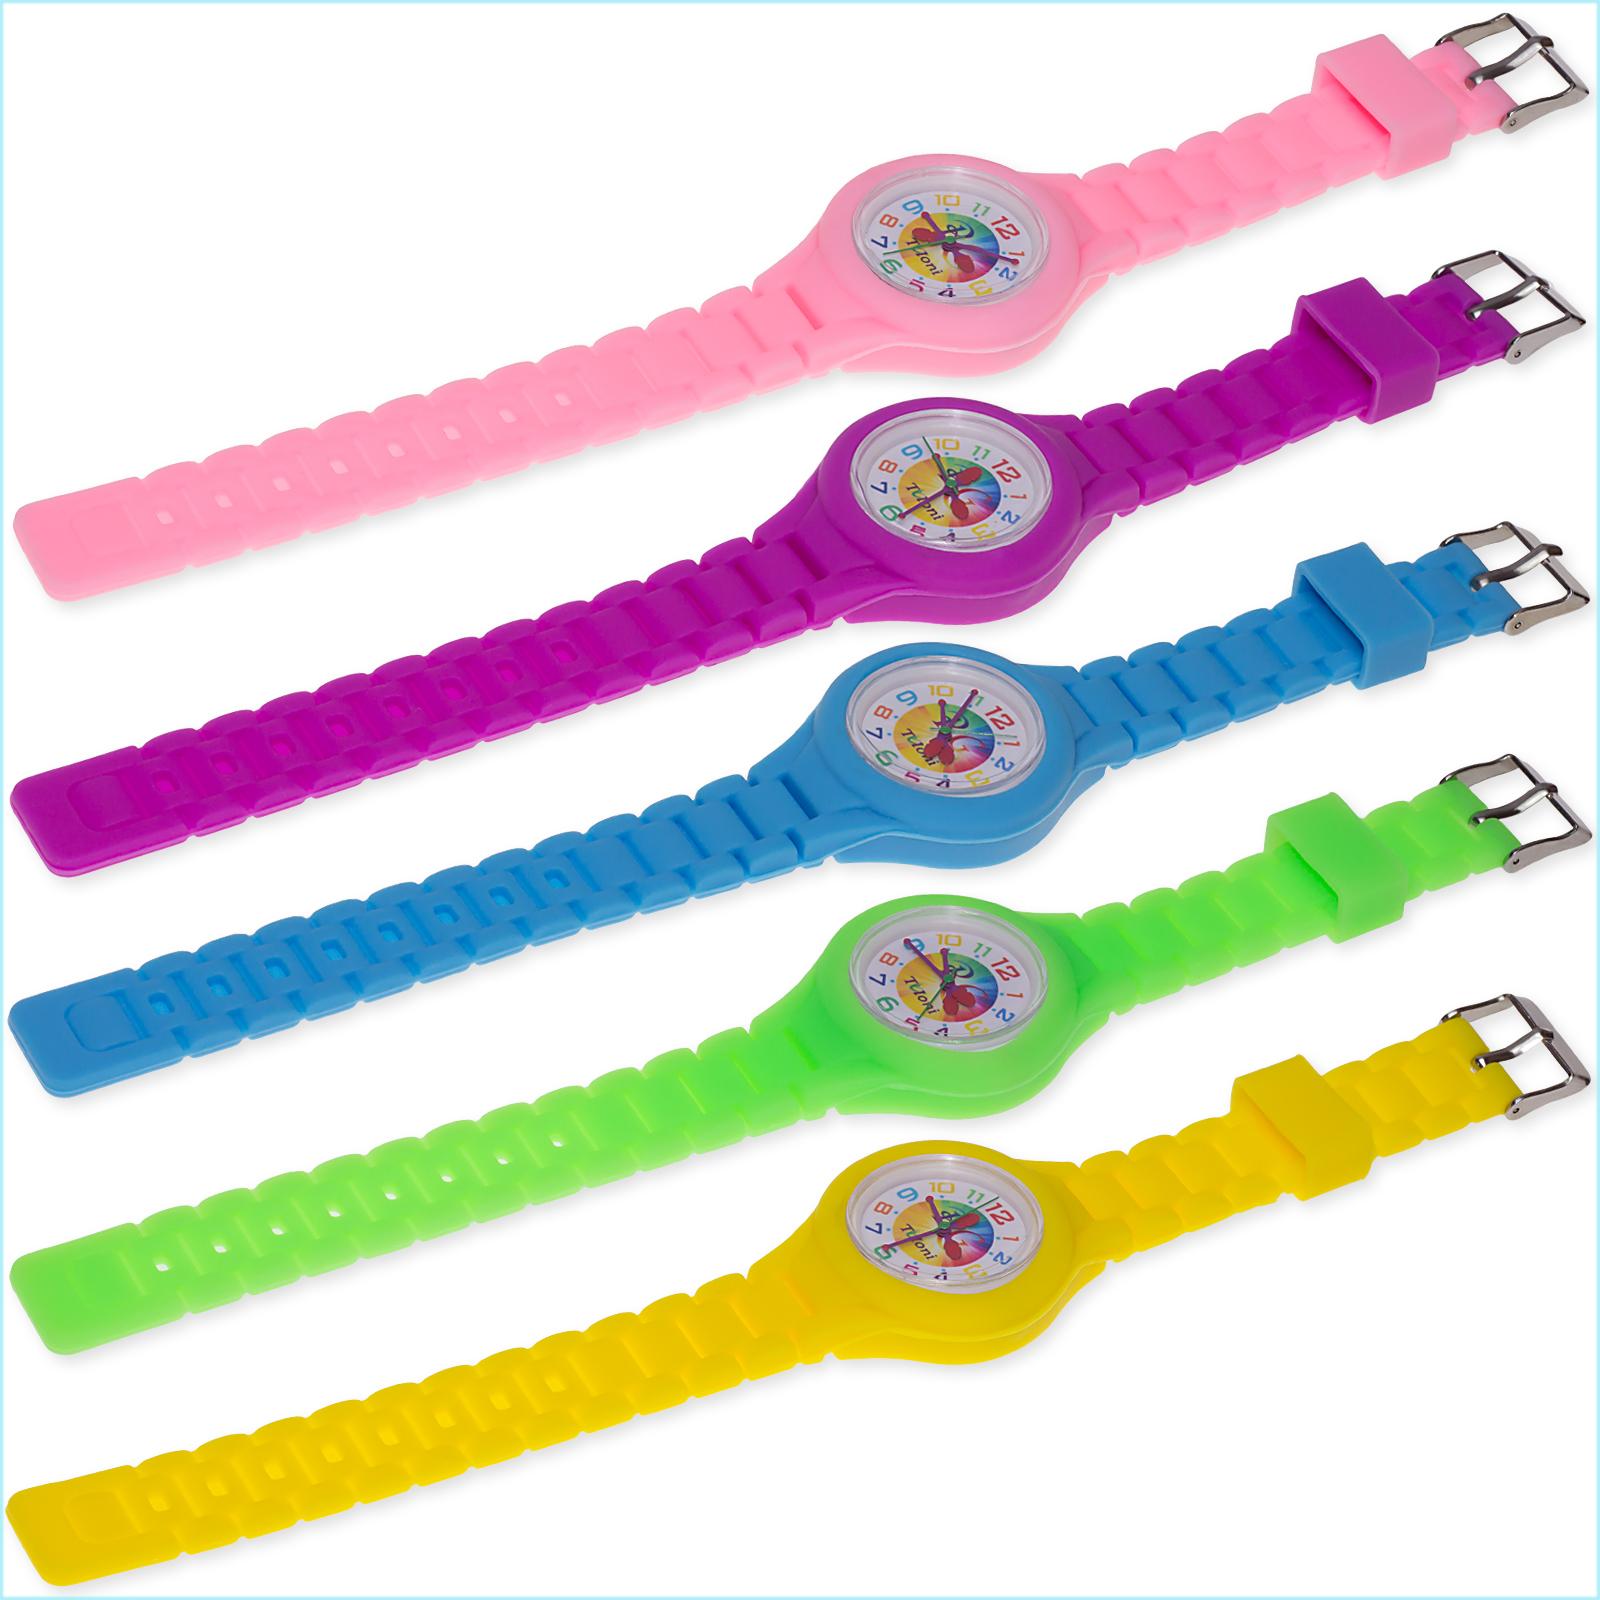 Часы Tuloni модель#3 ремешок#2 цвет Светло-Розовый Артикул T0203-2LP-1